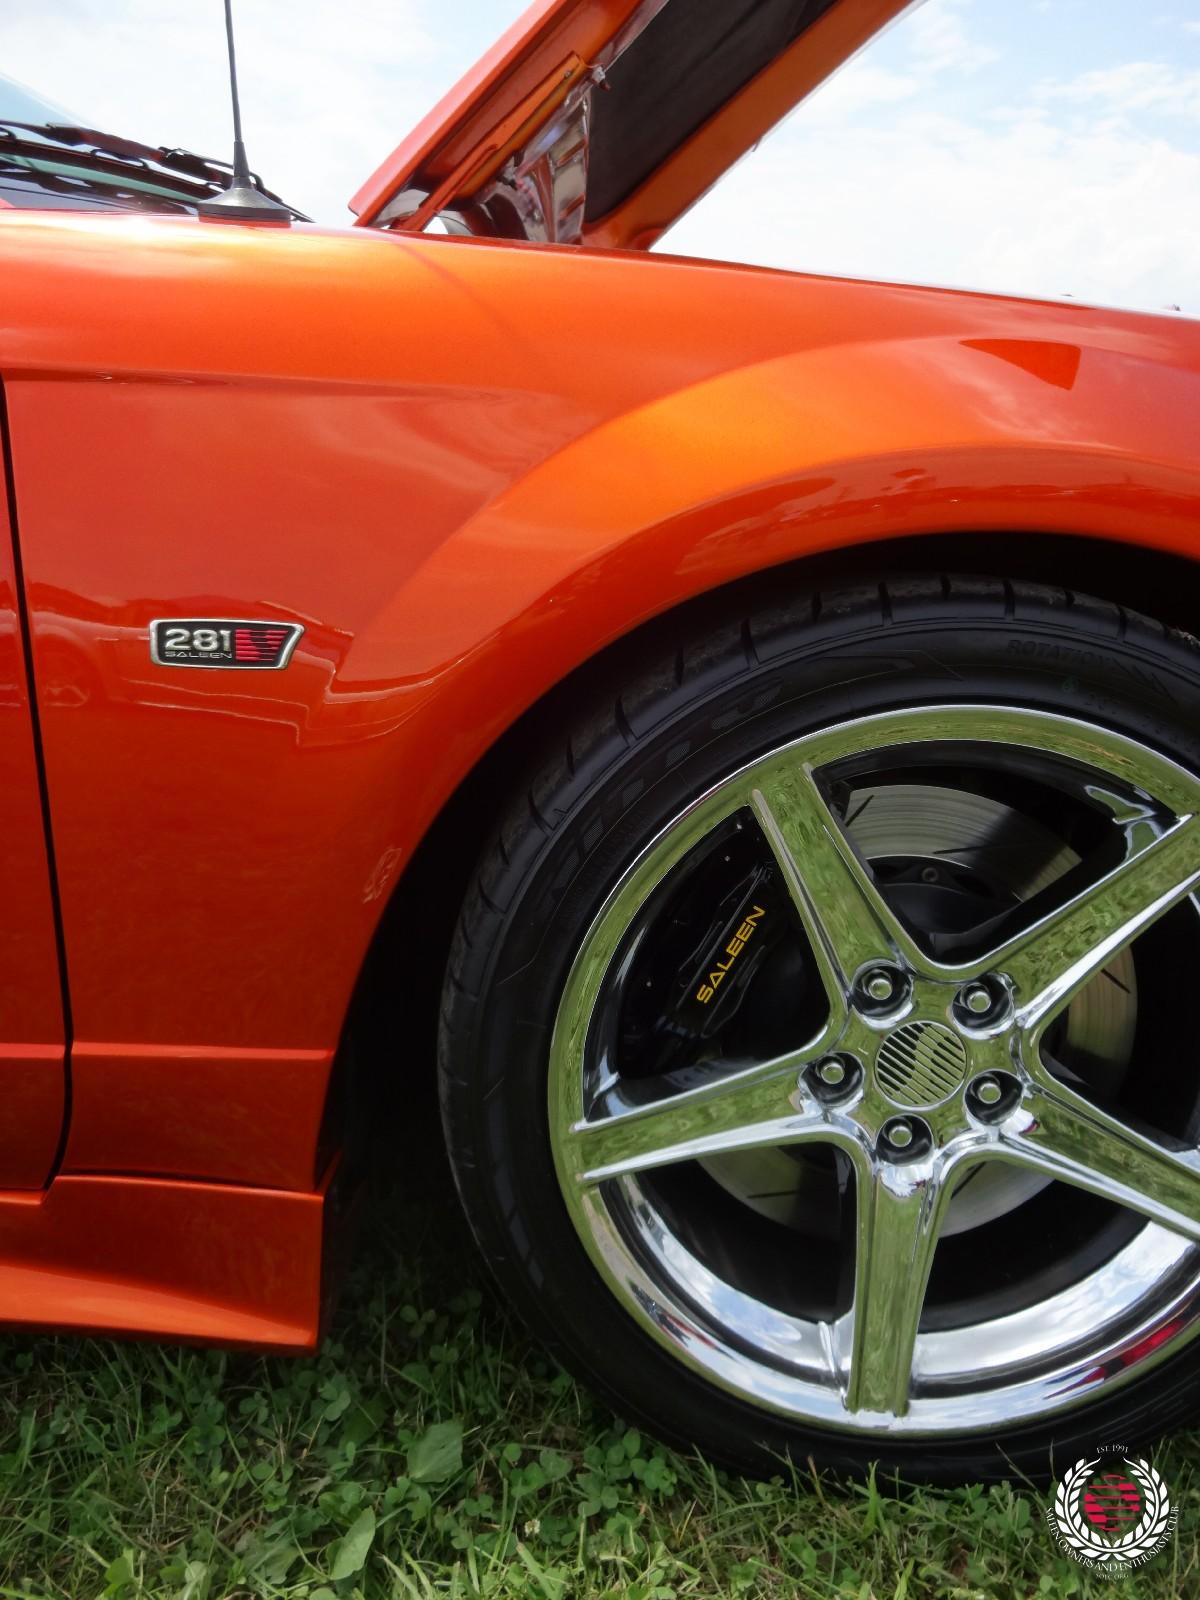 2003 S281 Extreme wheel